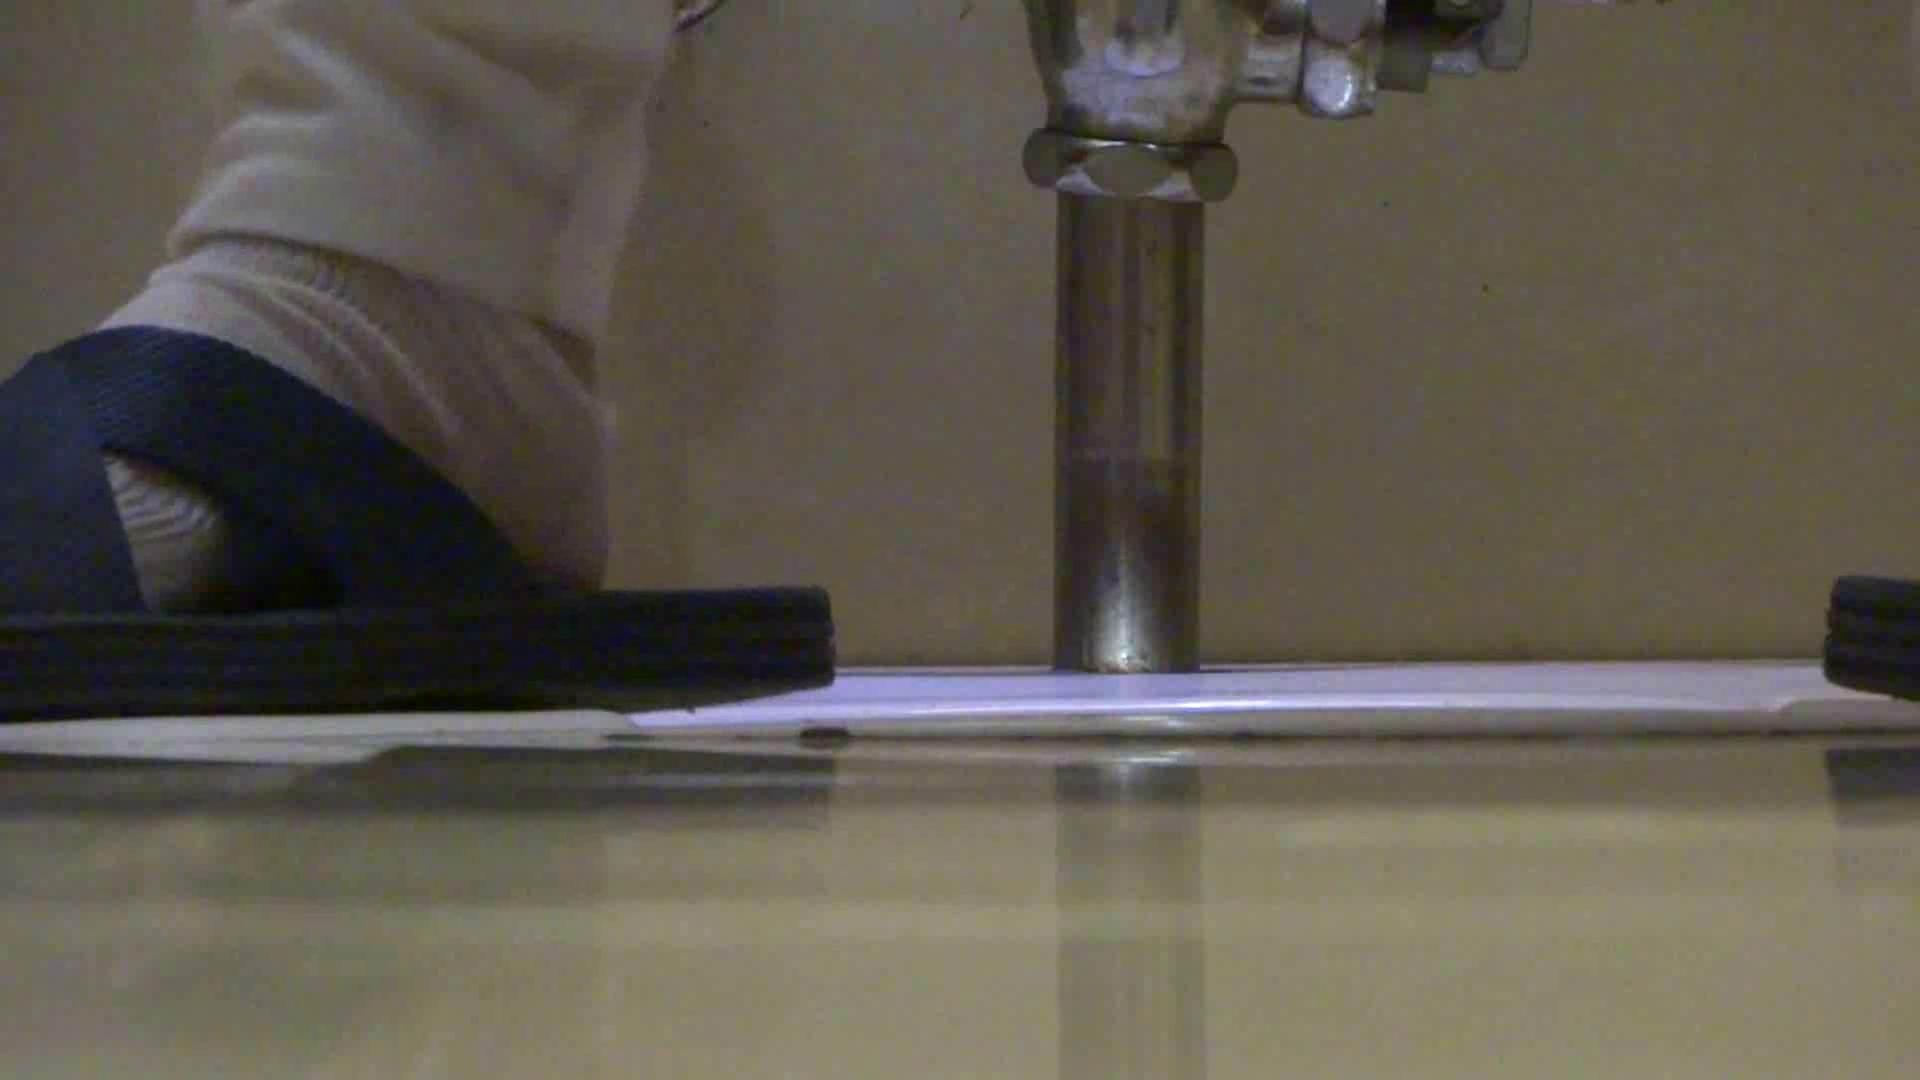 「噂」の国の厠観察日記2 Vol.15 OLセックス 隠し撮りすけべAV動画紹介 96画像 65